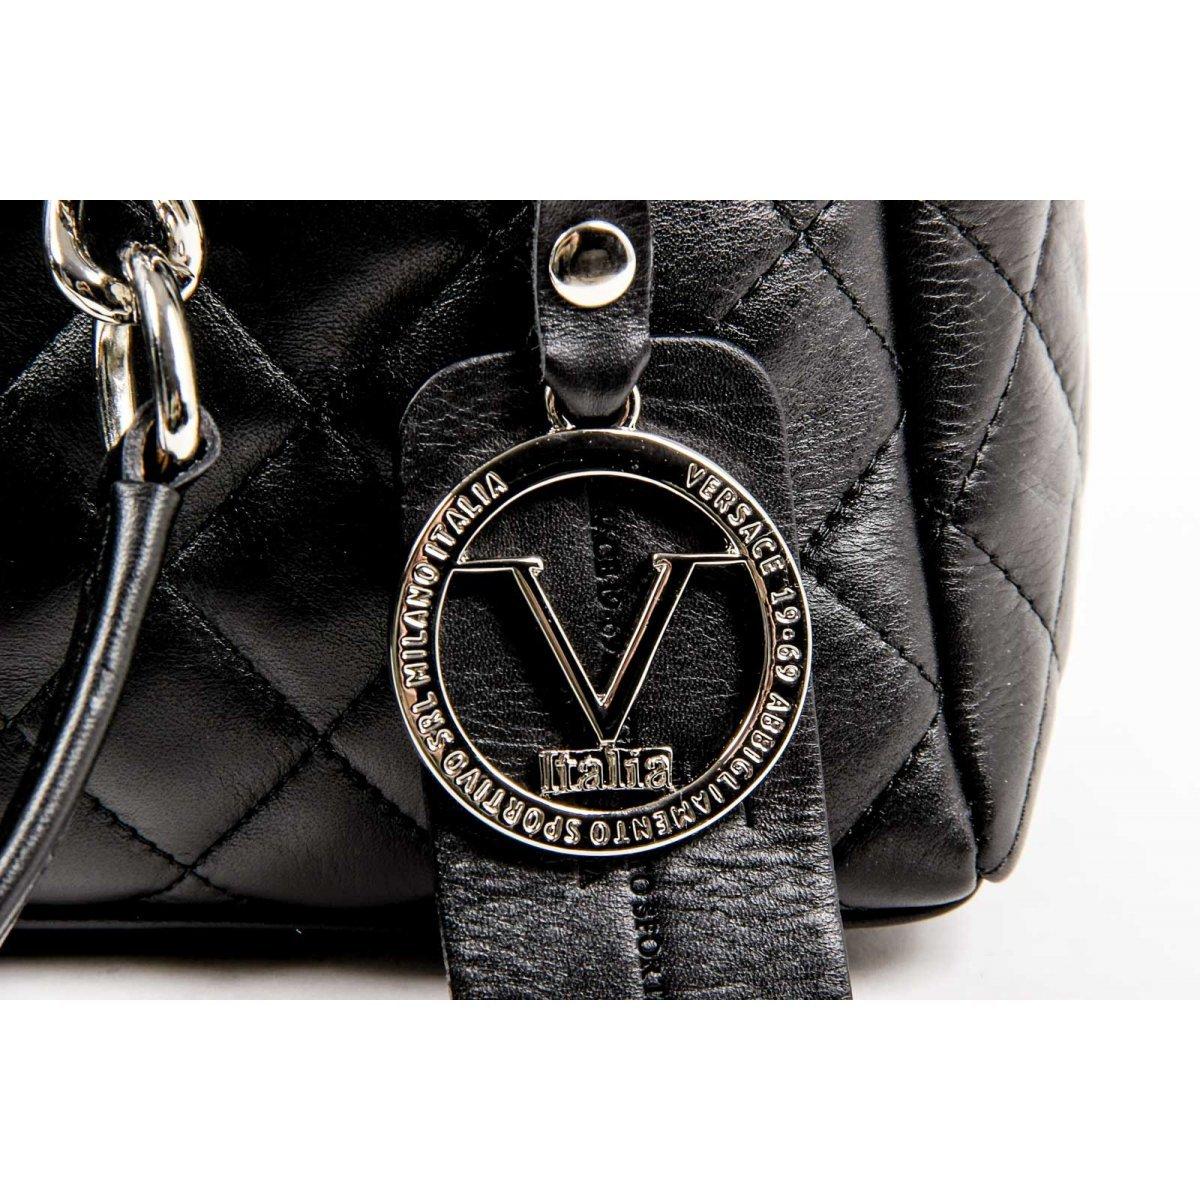 4a08e69428 Versace 19.69 Abbigliamento Sportivo Srl Milano Italia Womens Handbag V011  S BLACK  Amazon.co.uk  Shoes   Bags